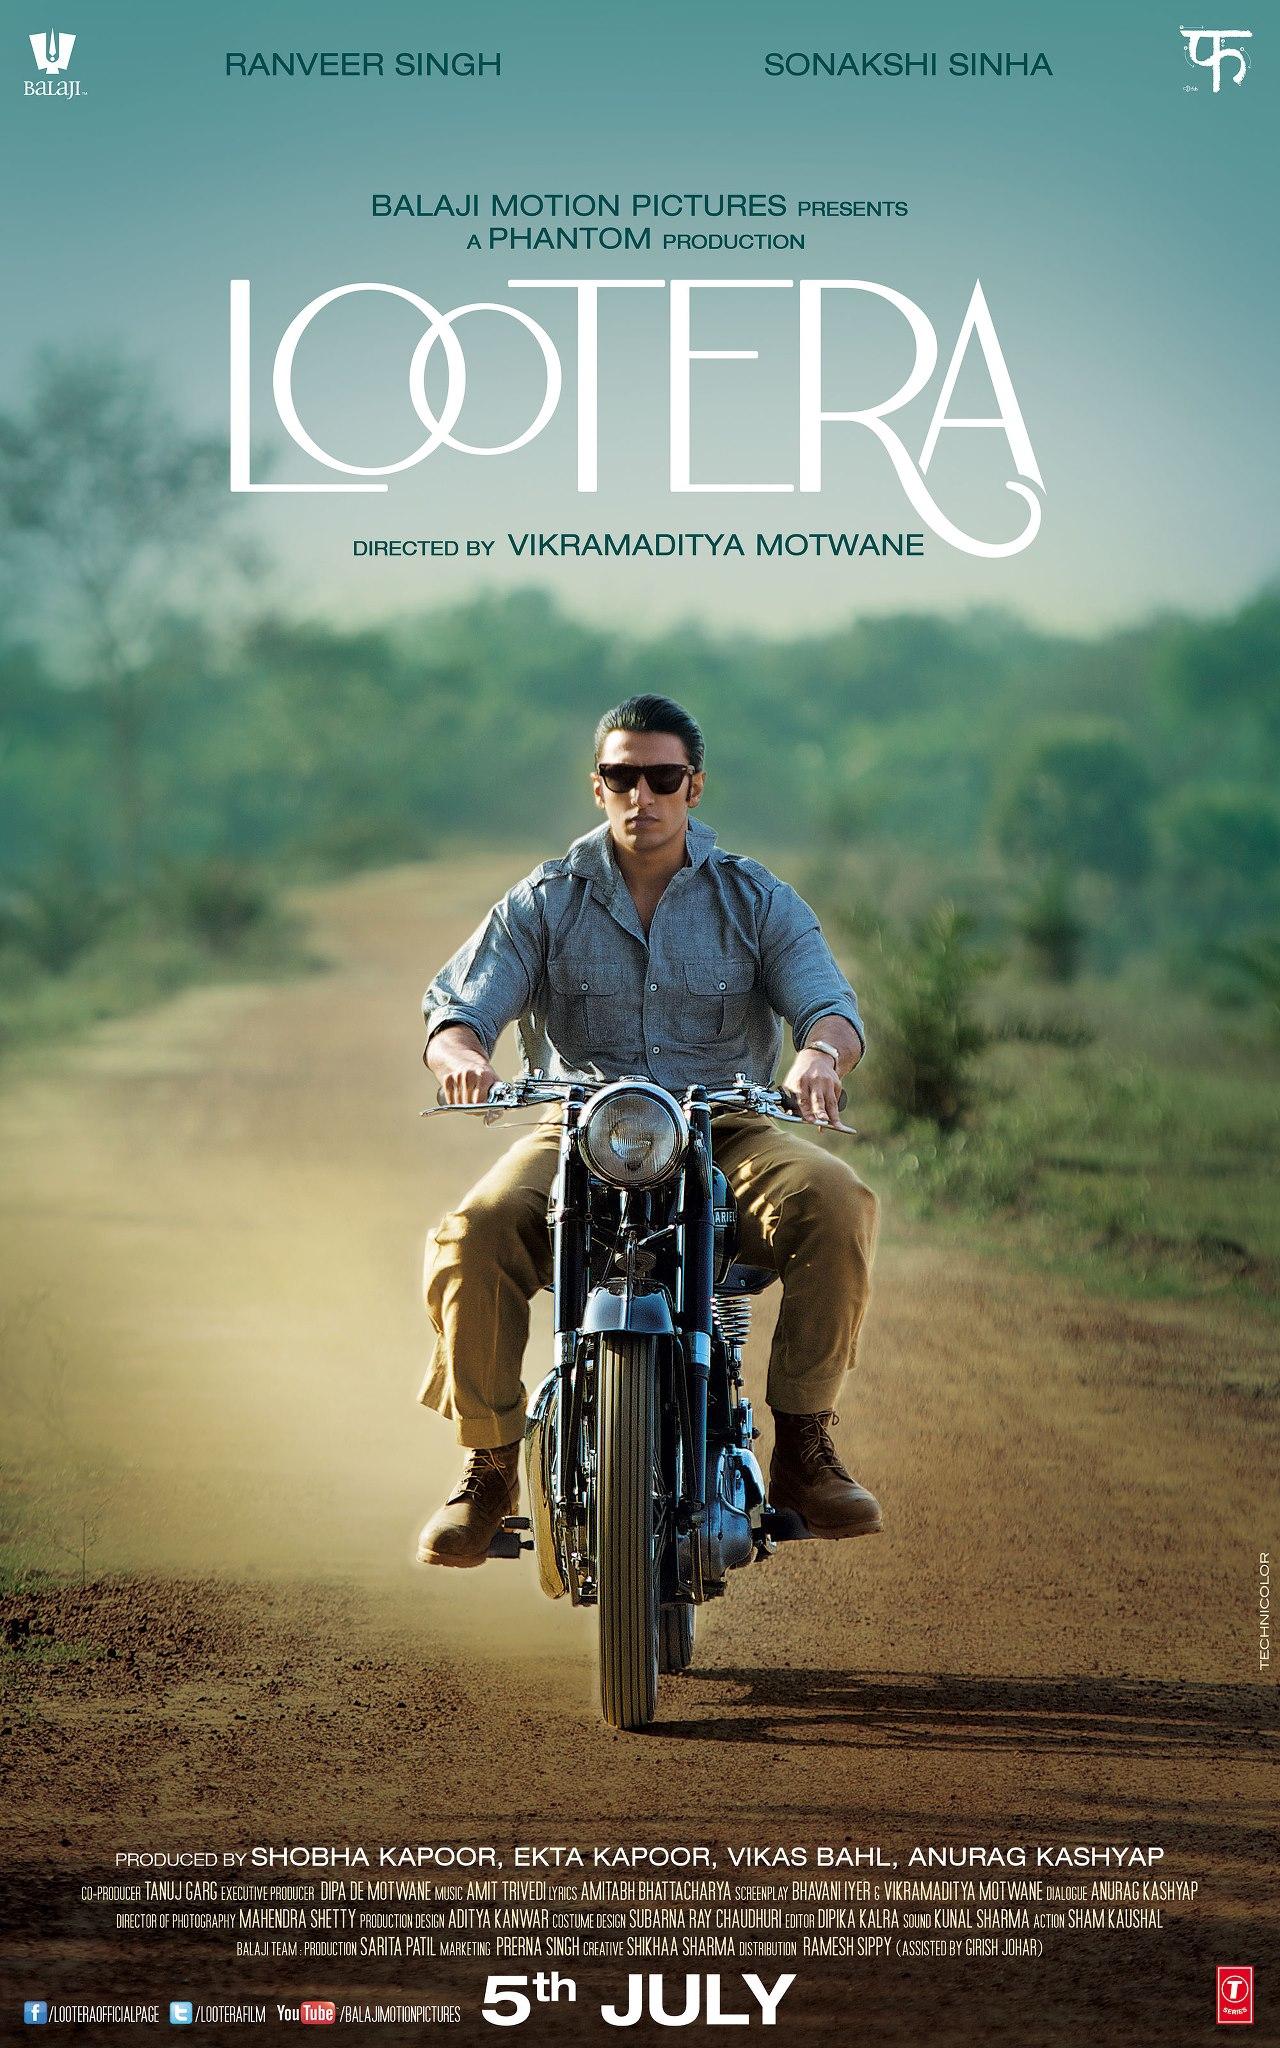 Lootera - Movie Poster #1 (Original)